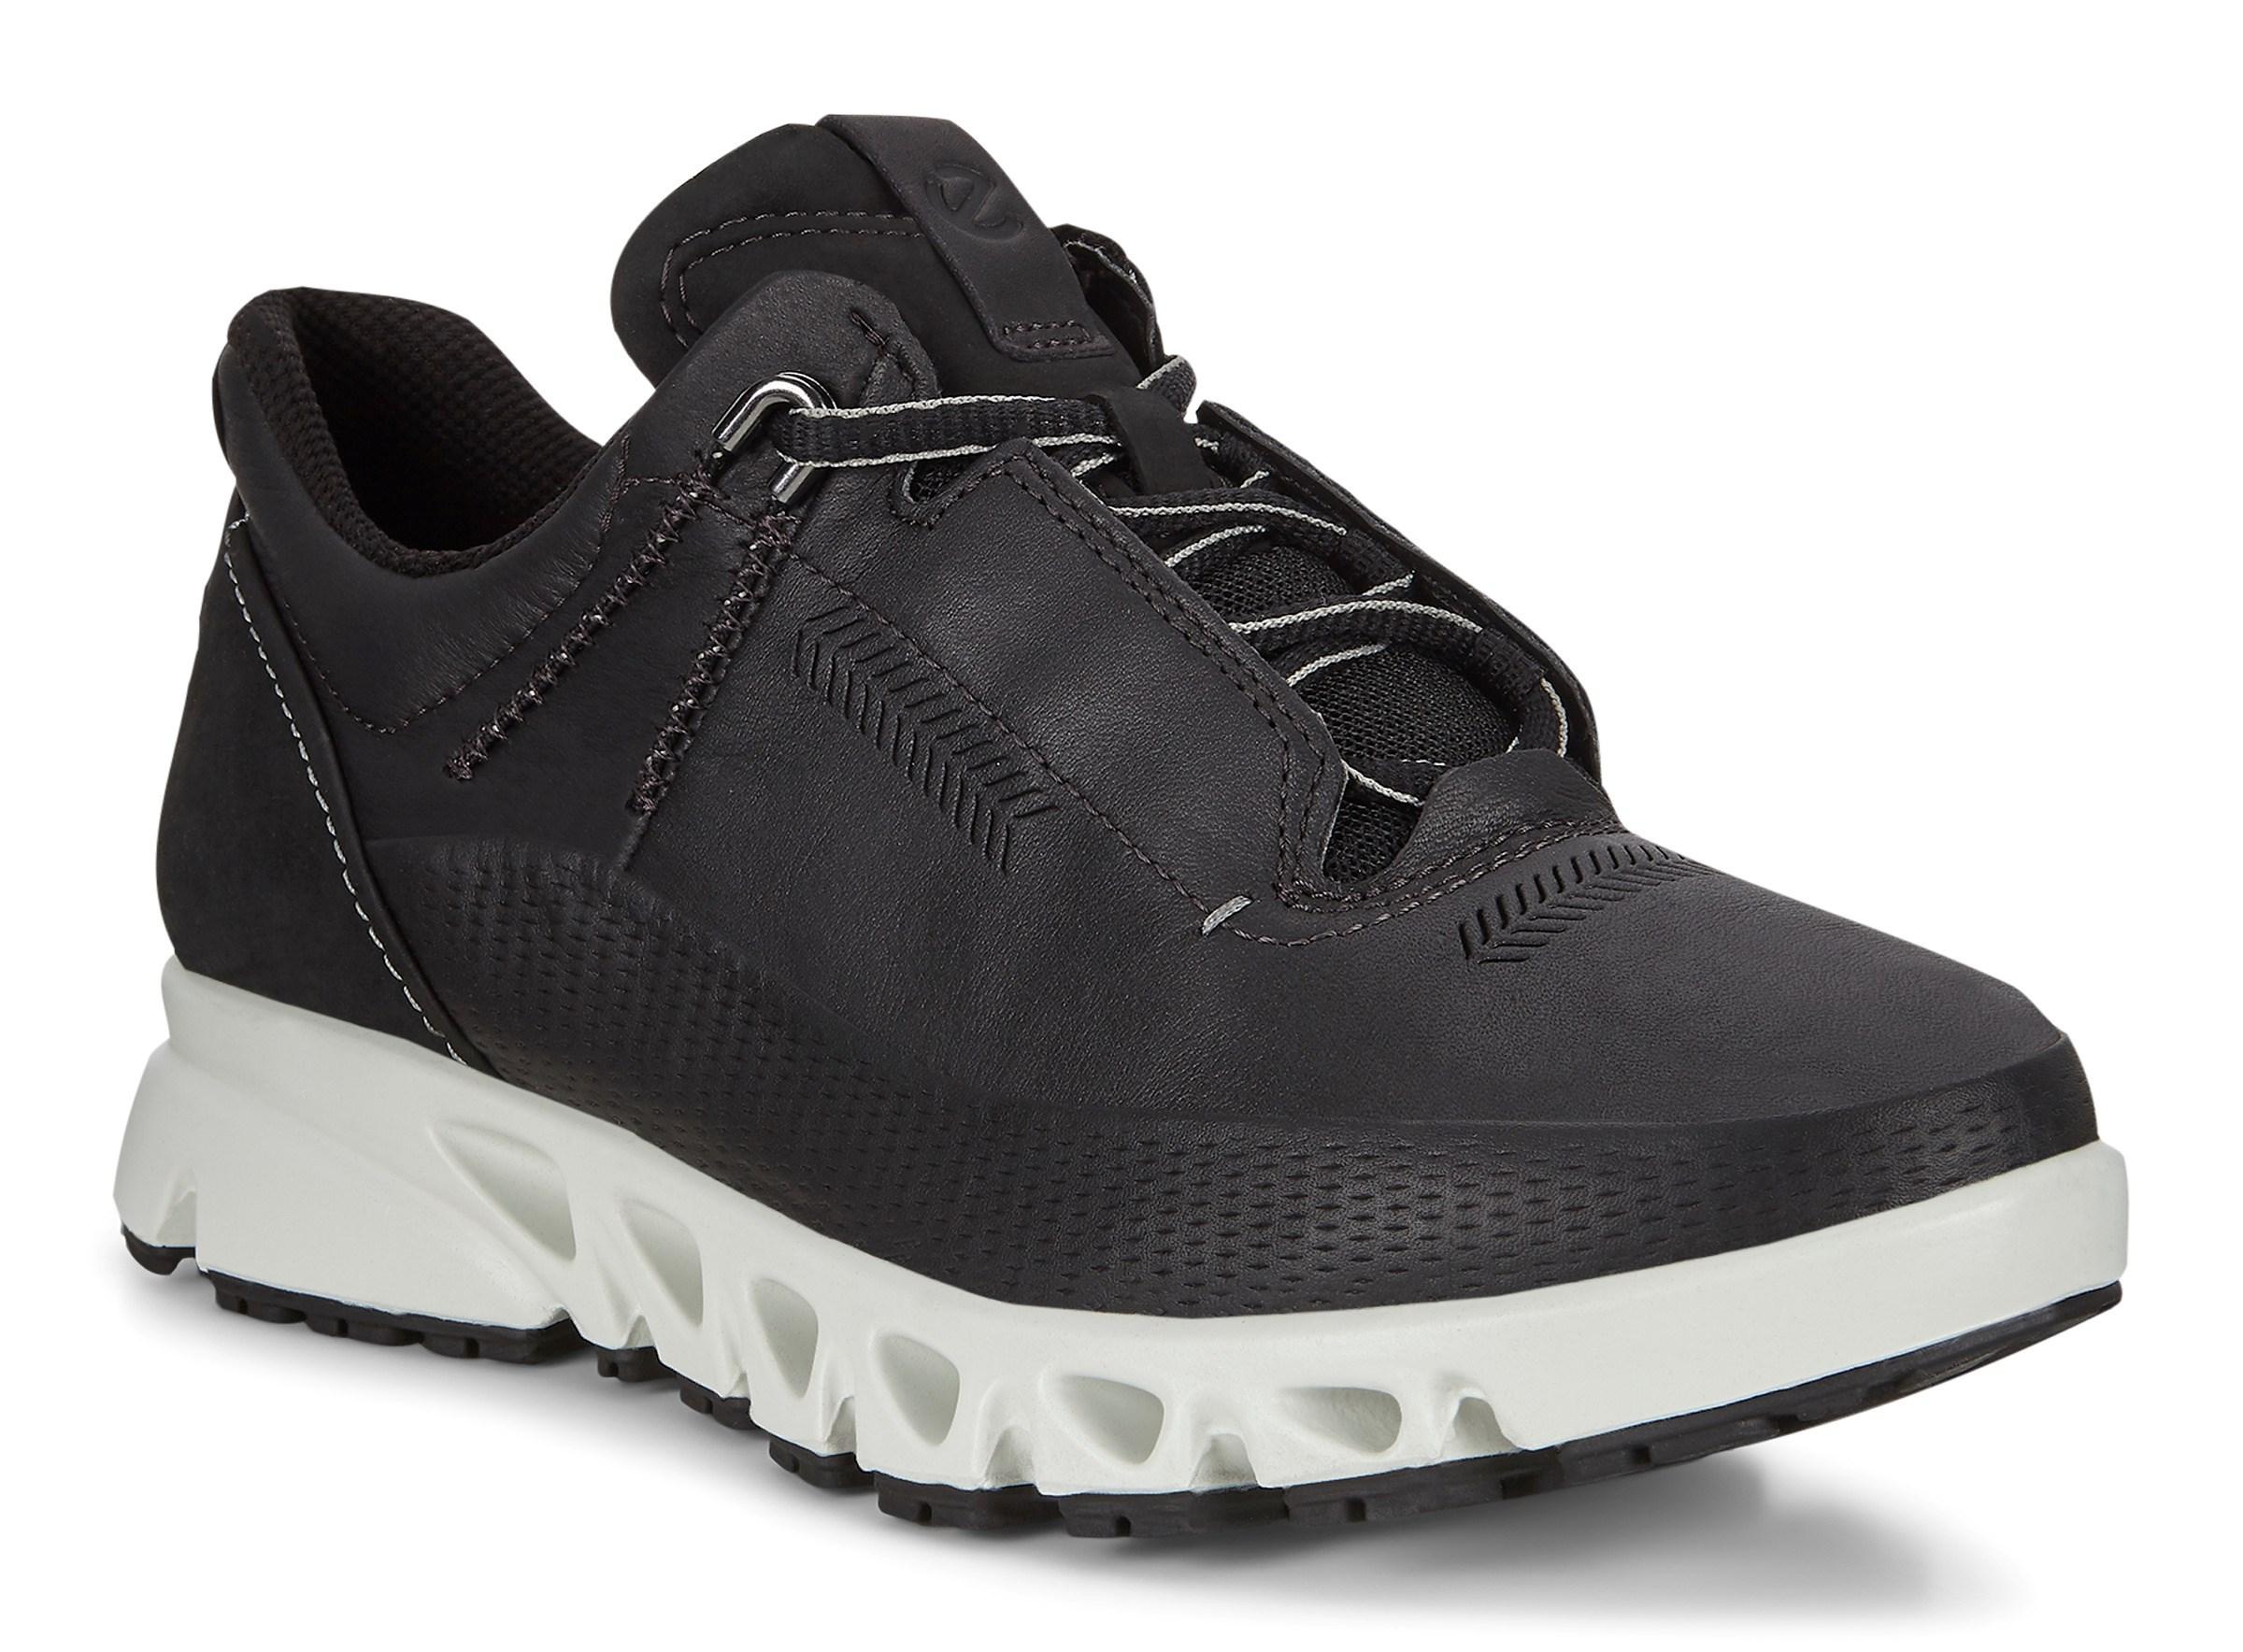 bra skor för promenader